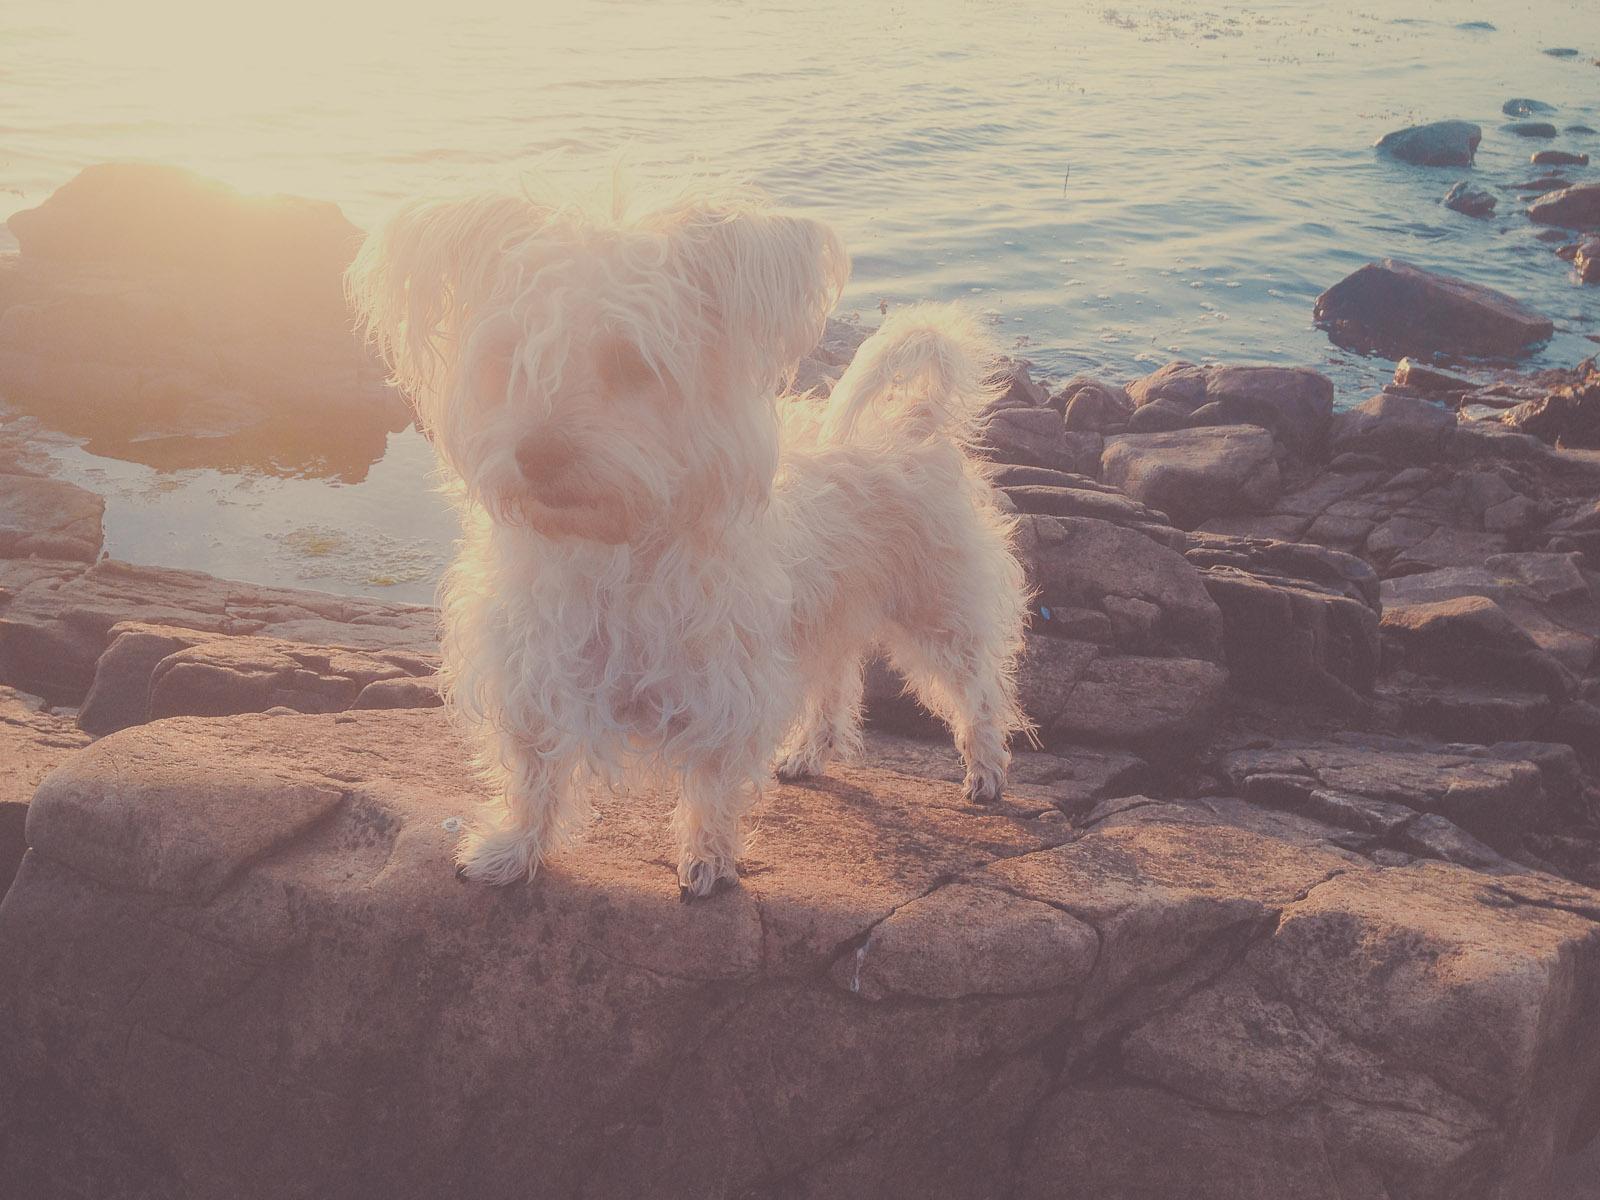 #mallithedog